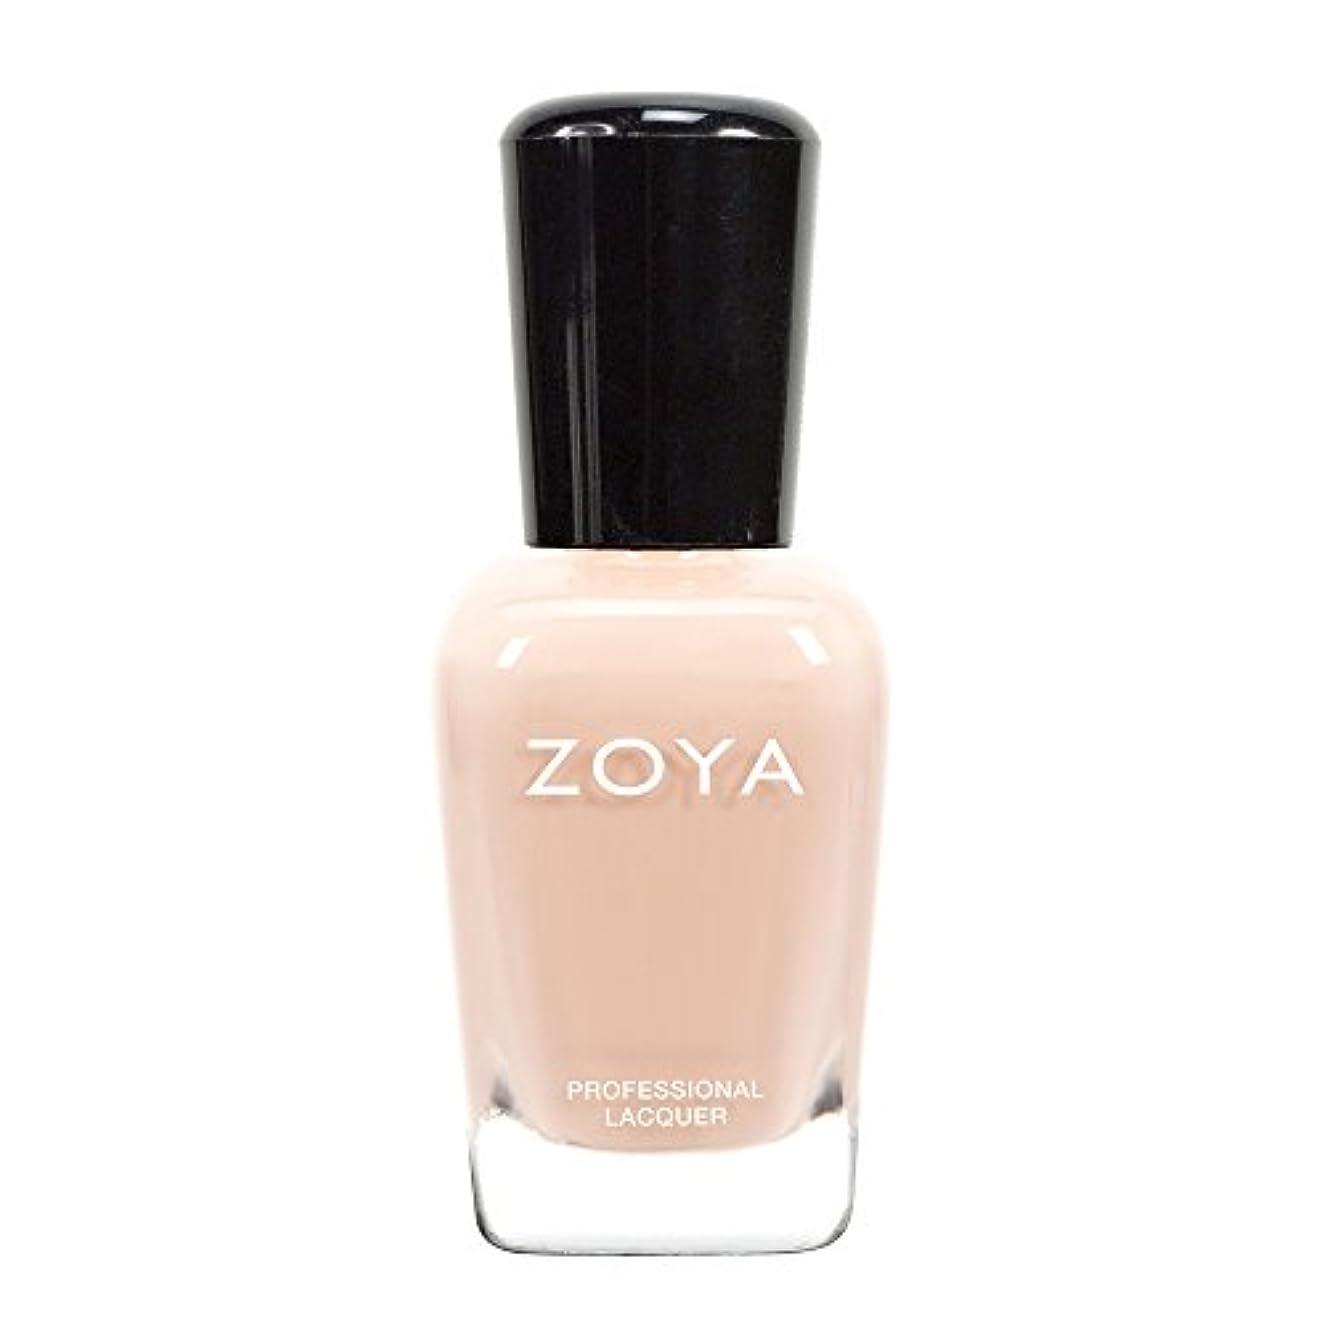 ZOYA ゾーヤ ネイルカラーZP704 CHANTAL シャンタール 15ml 2014 NATUREL Collection 柔らかいバニラクリームのようなヌードベージュ マット 爪にやさしいネイルラッカーマニキュア